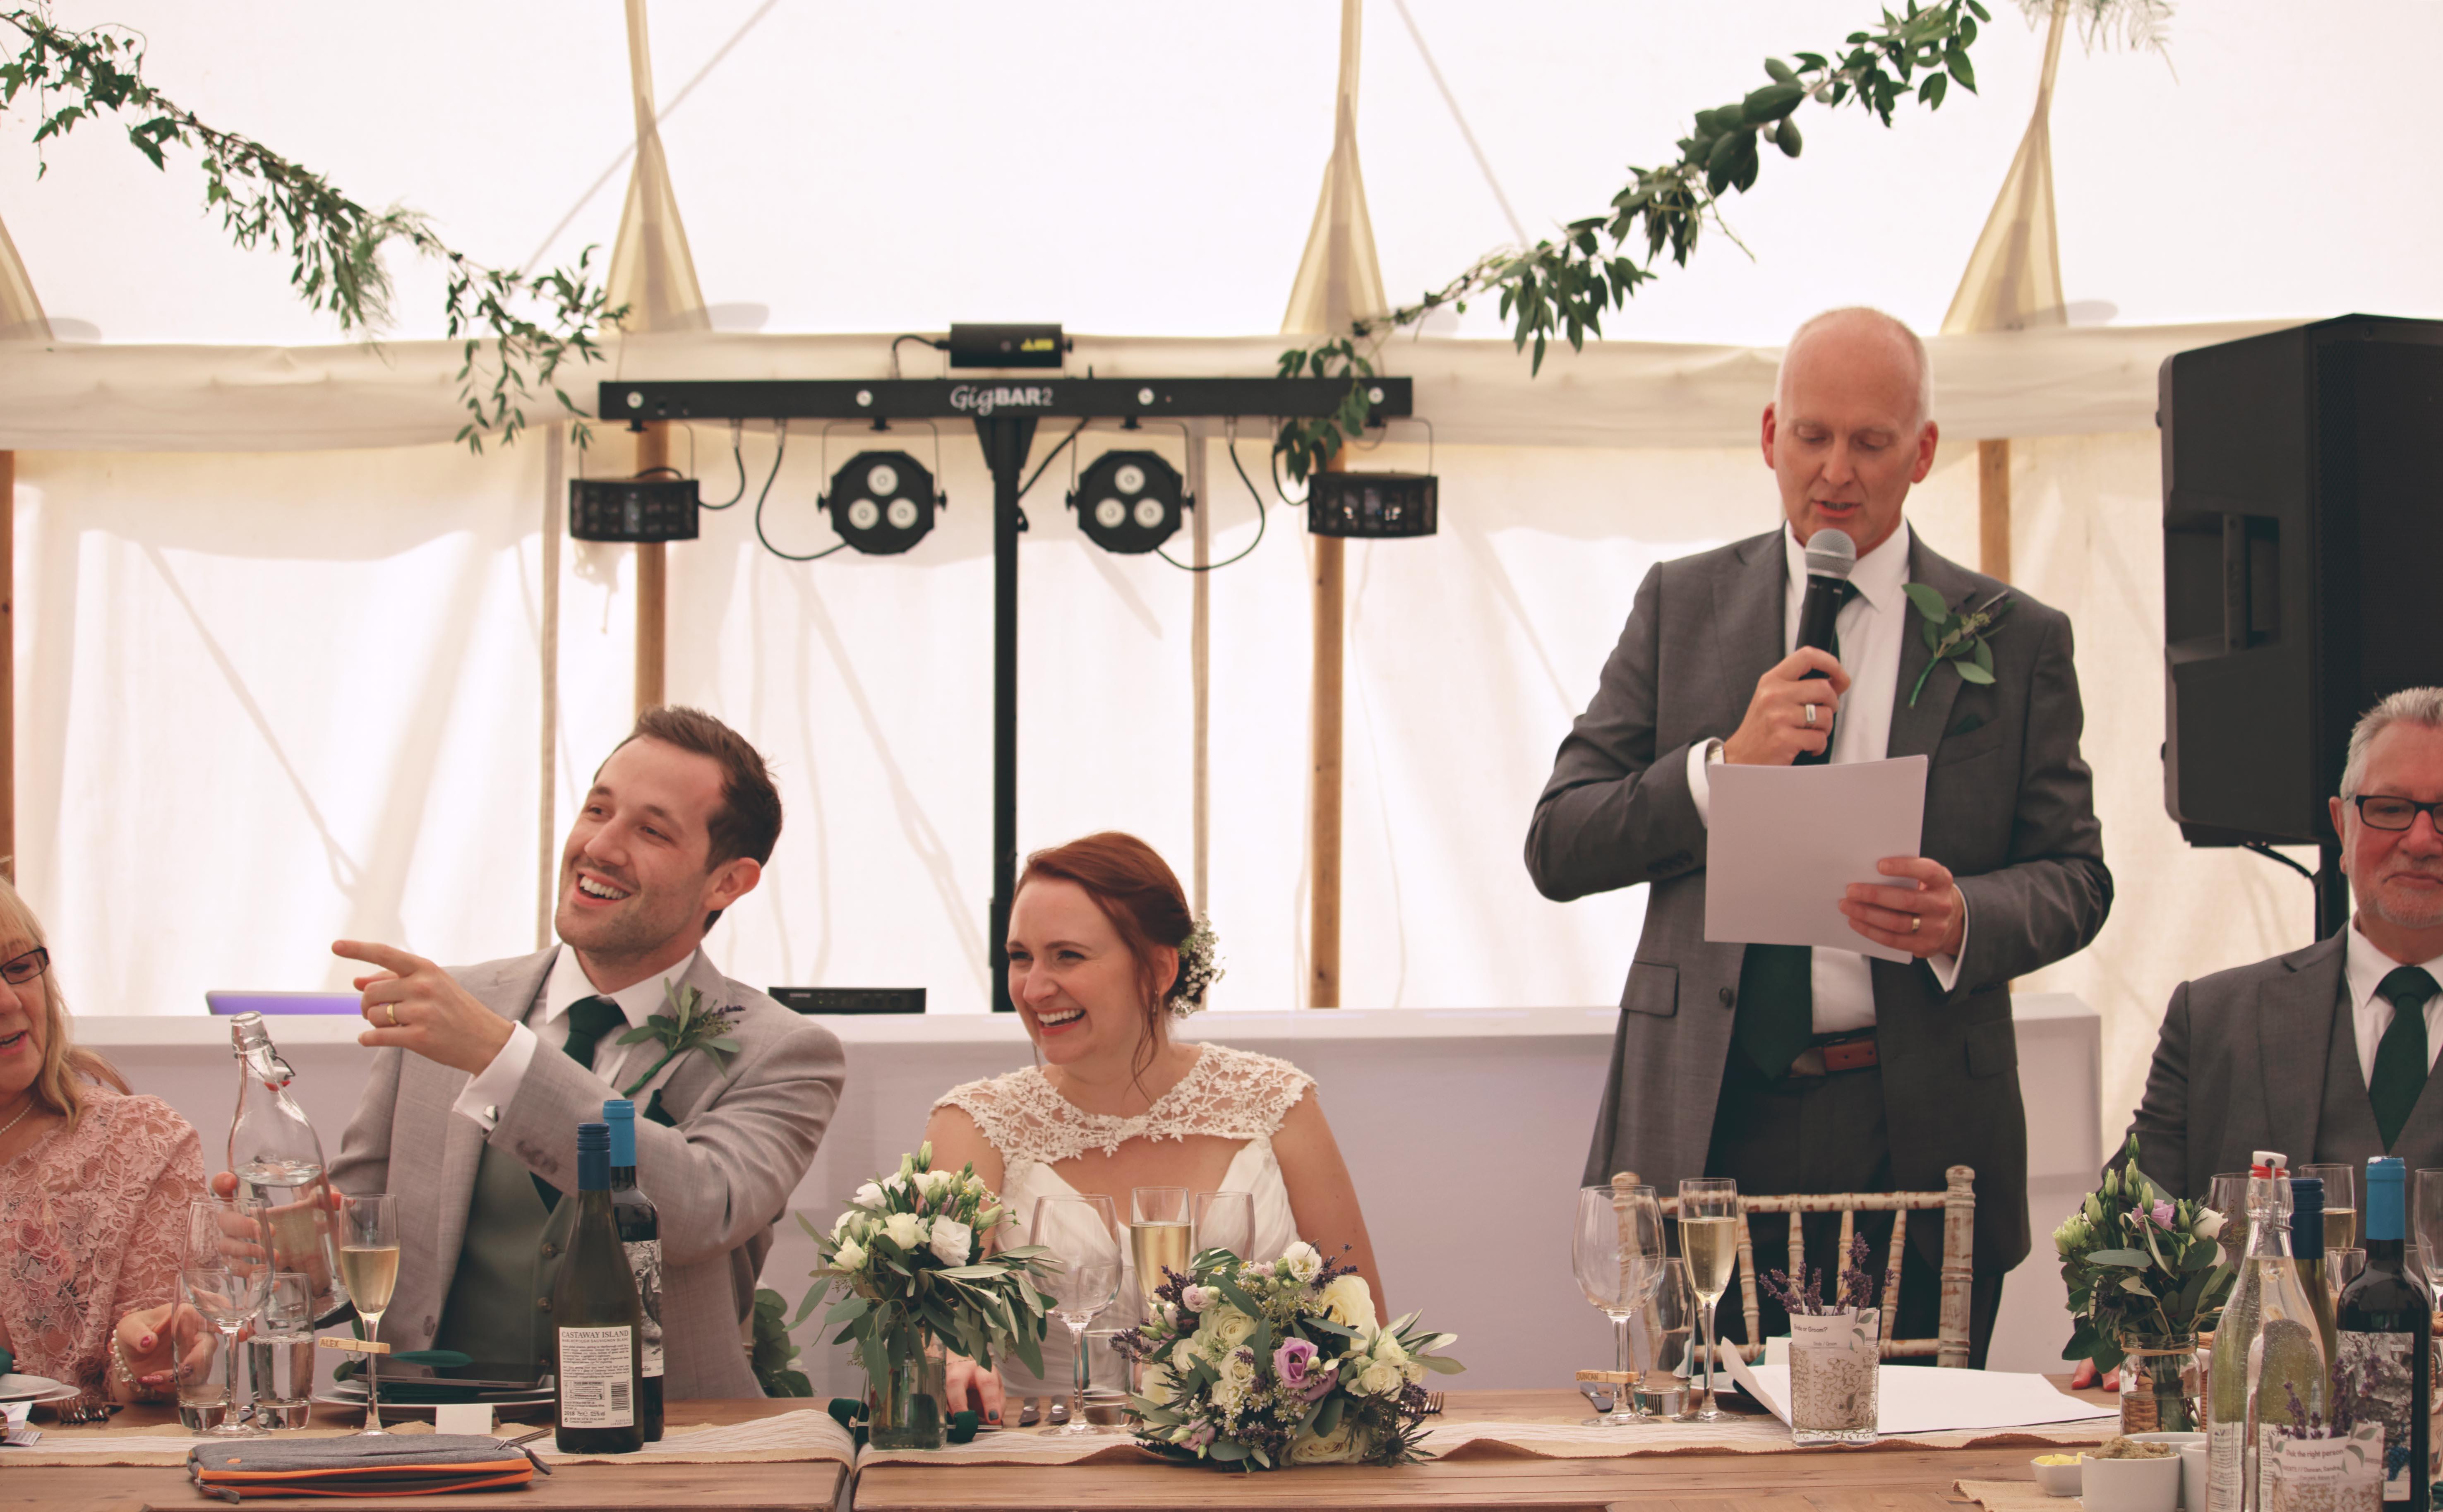 Candid Wedding Speech Laughter Shots